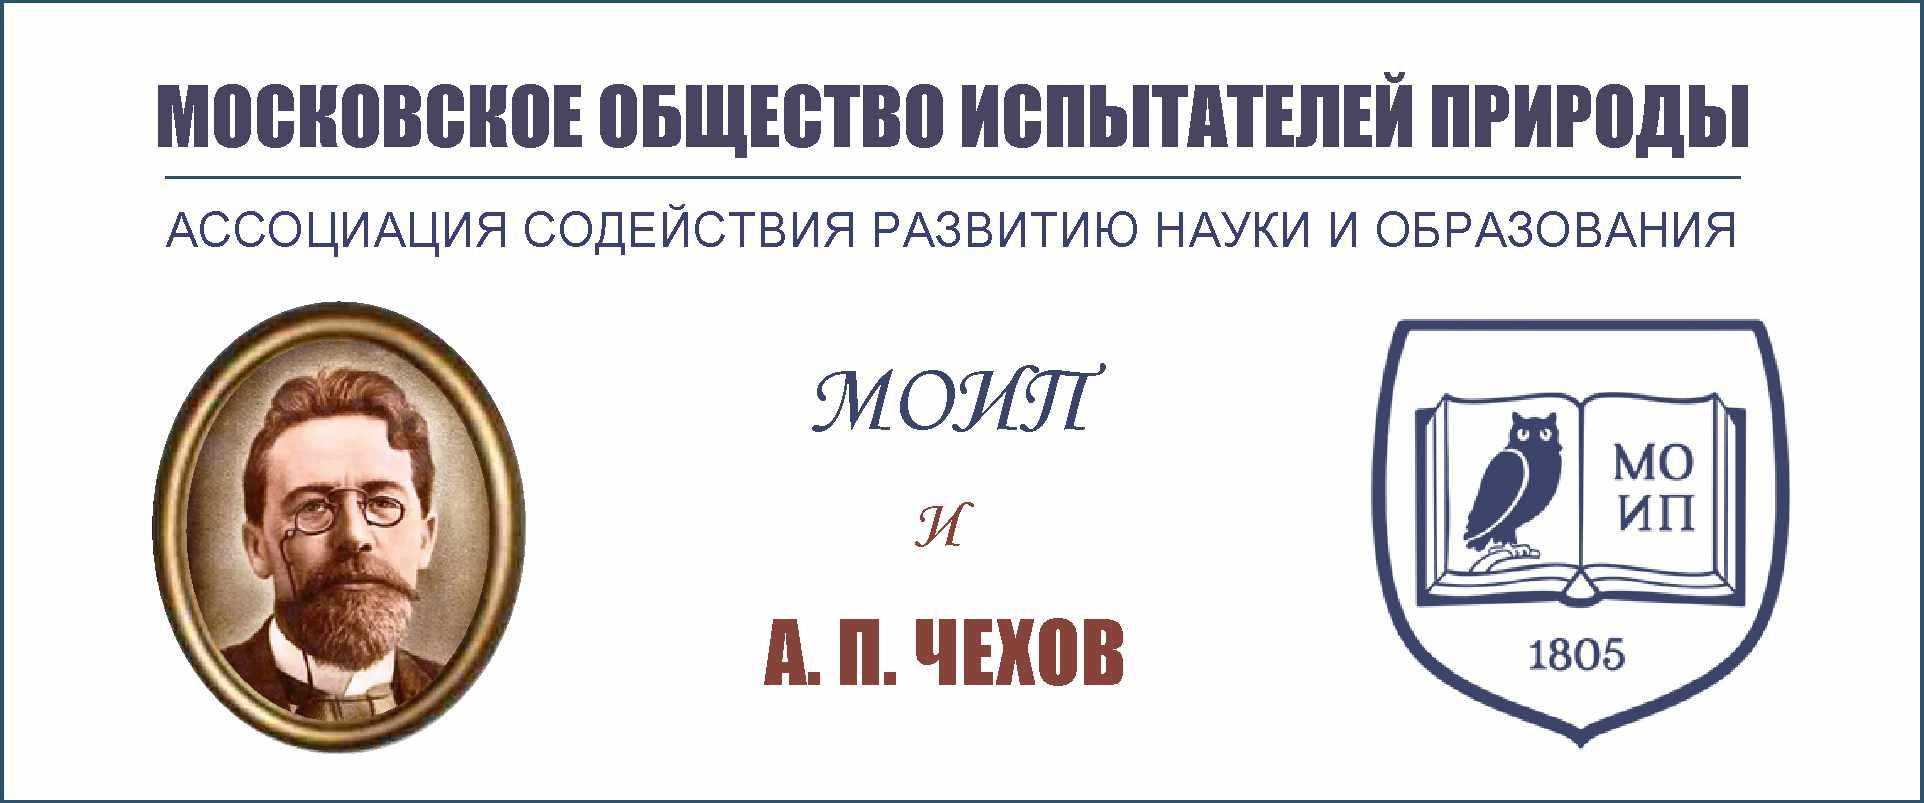 А.П.ЧЕХОВ И МОИП